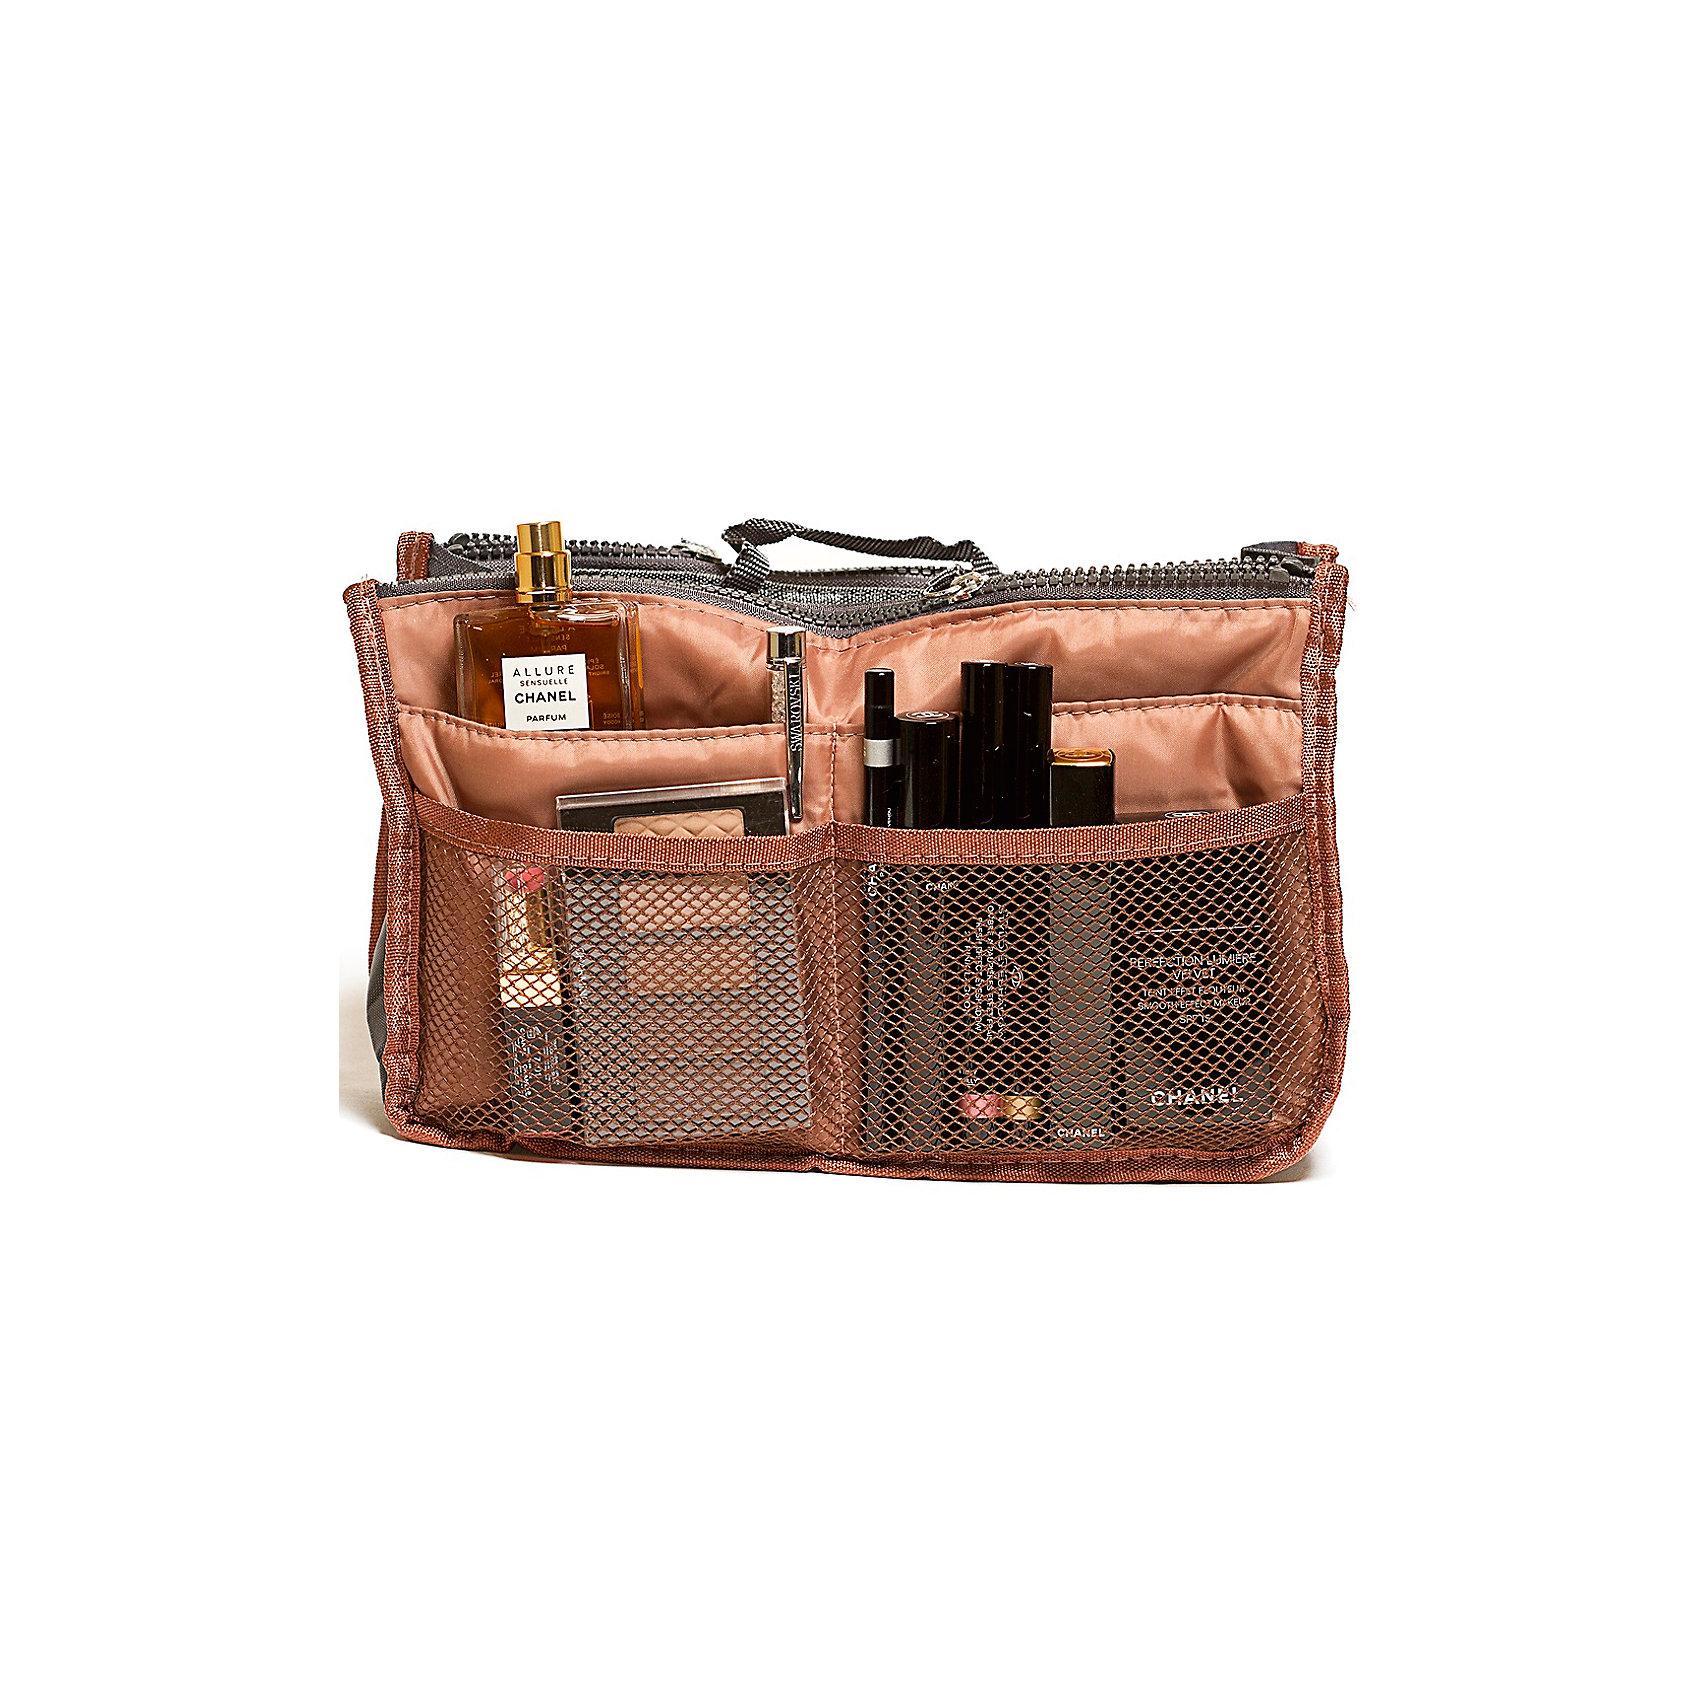 Органайзер для сумки, Homsu, кофейныйПорядок в детской<br>Этот органайзер для сумки благодаря трем вместительным отделениям для вещей, четырем кармашкам по бокам и шести кармашкам в виде сетки обеспечит полный порядок в вашей сумке. Кроме того, изделие обладает интересным стилем, выполнено в коричневом цвете и оснащёно двумя крепкими ручками, что позволяет применять его и вне сумки, как отдельный аксессуар.<br><br>Ширина мм: 280<br>Глубина мм: 30<br>Высота мм: 170<br>Вес г: 200<br>Возраст от месяцев: 216<br>Возраст до месяцев: 1188<br>Пол: Унисекс<br>Возраст: Детский<br>SKU: 5620307